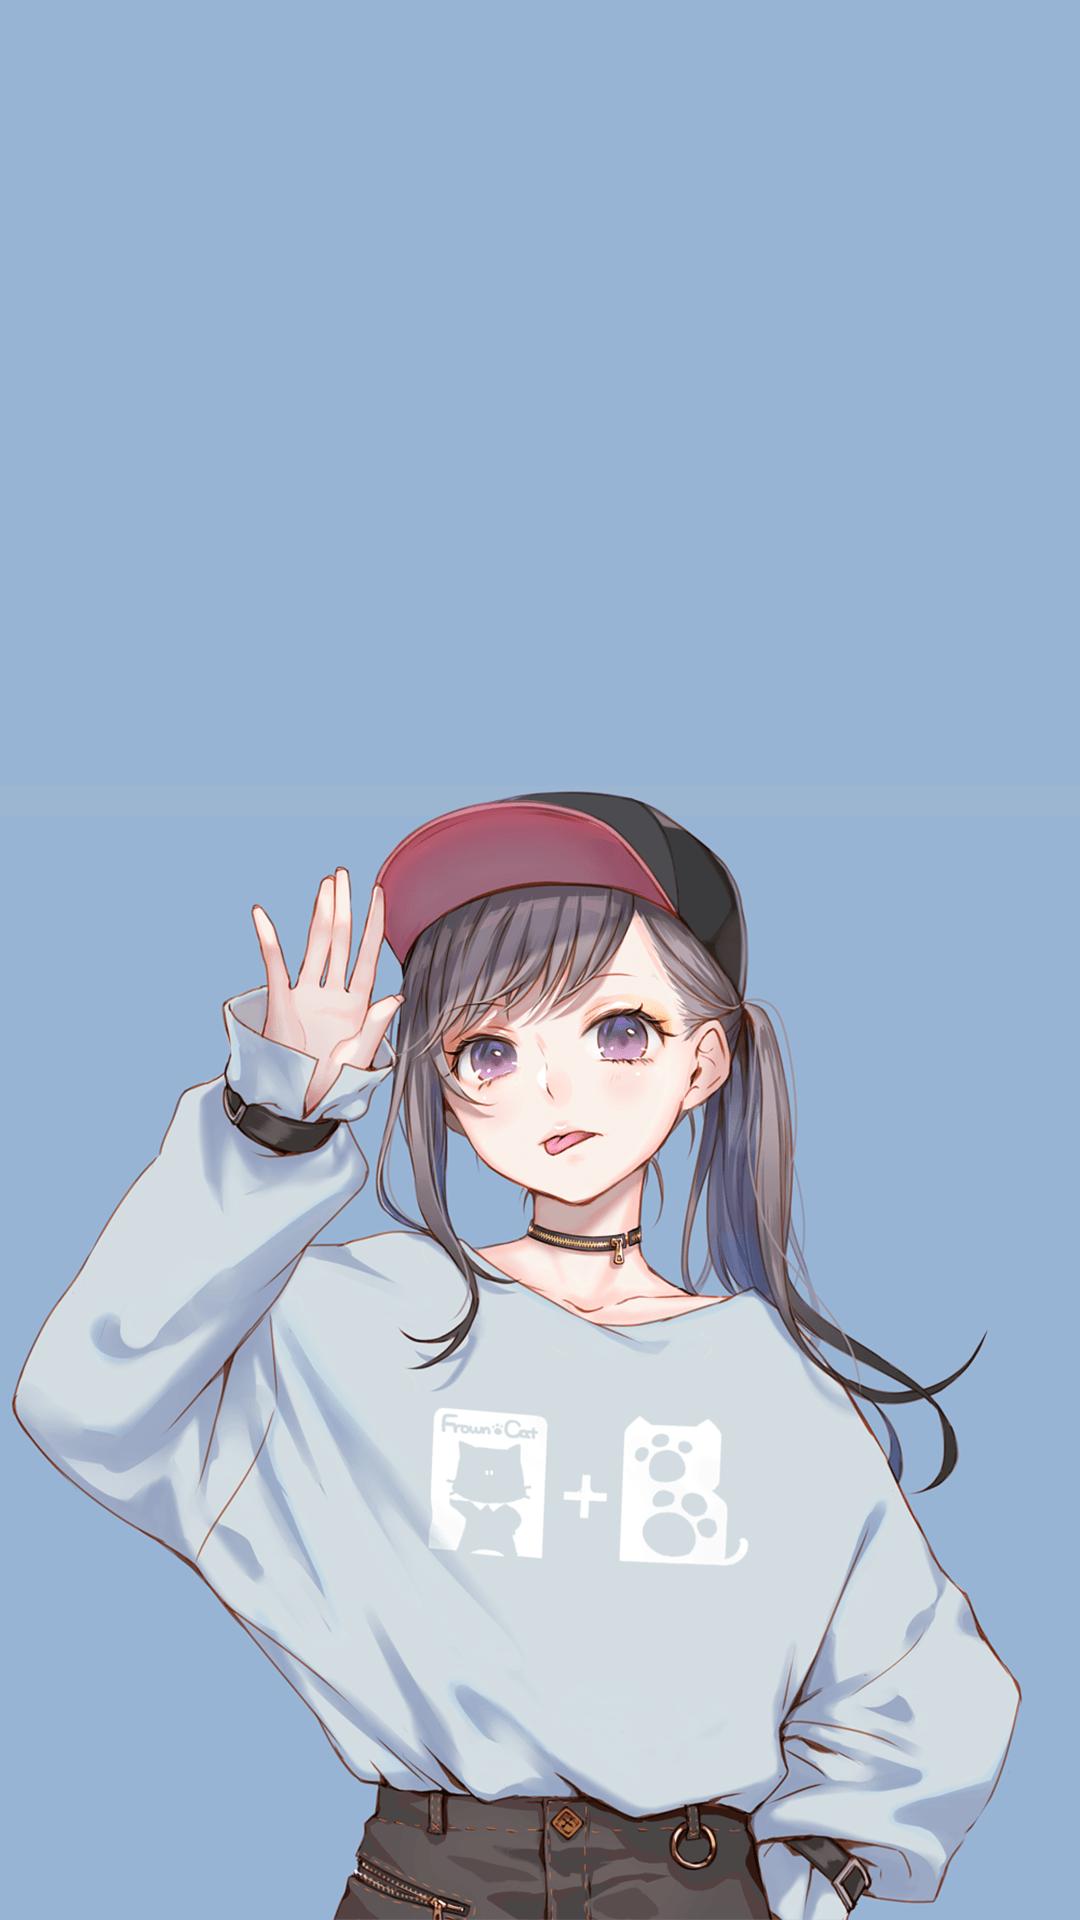 Aesthetic Anime Girl : aesthetic, anime, Aesthetic, Anime, Girls, Wallpapers, Wallpaper